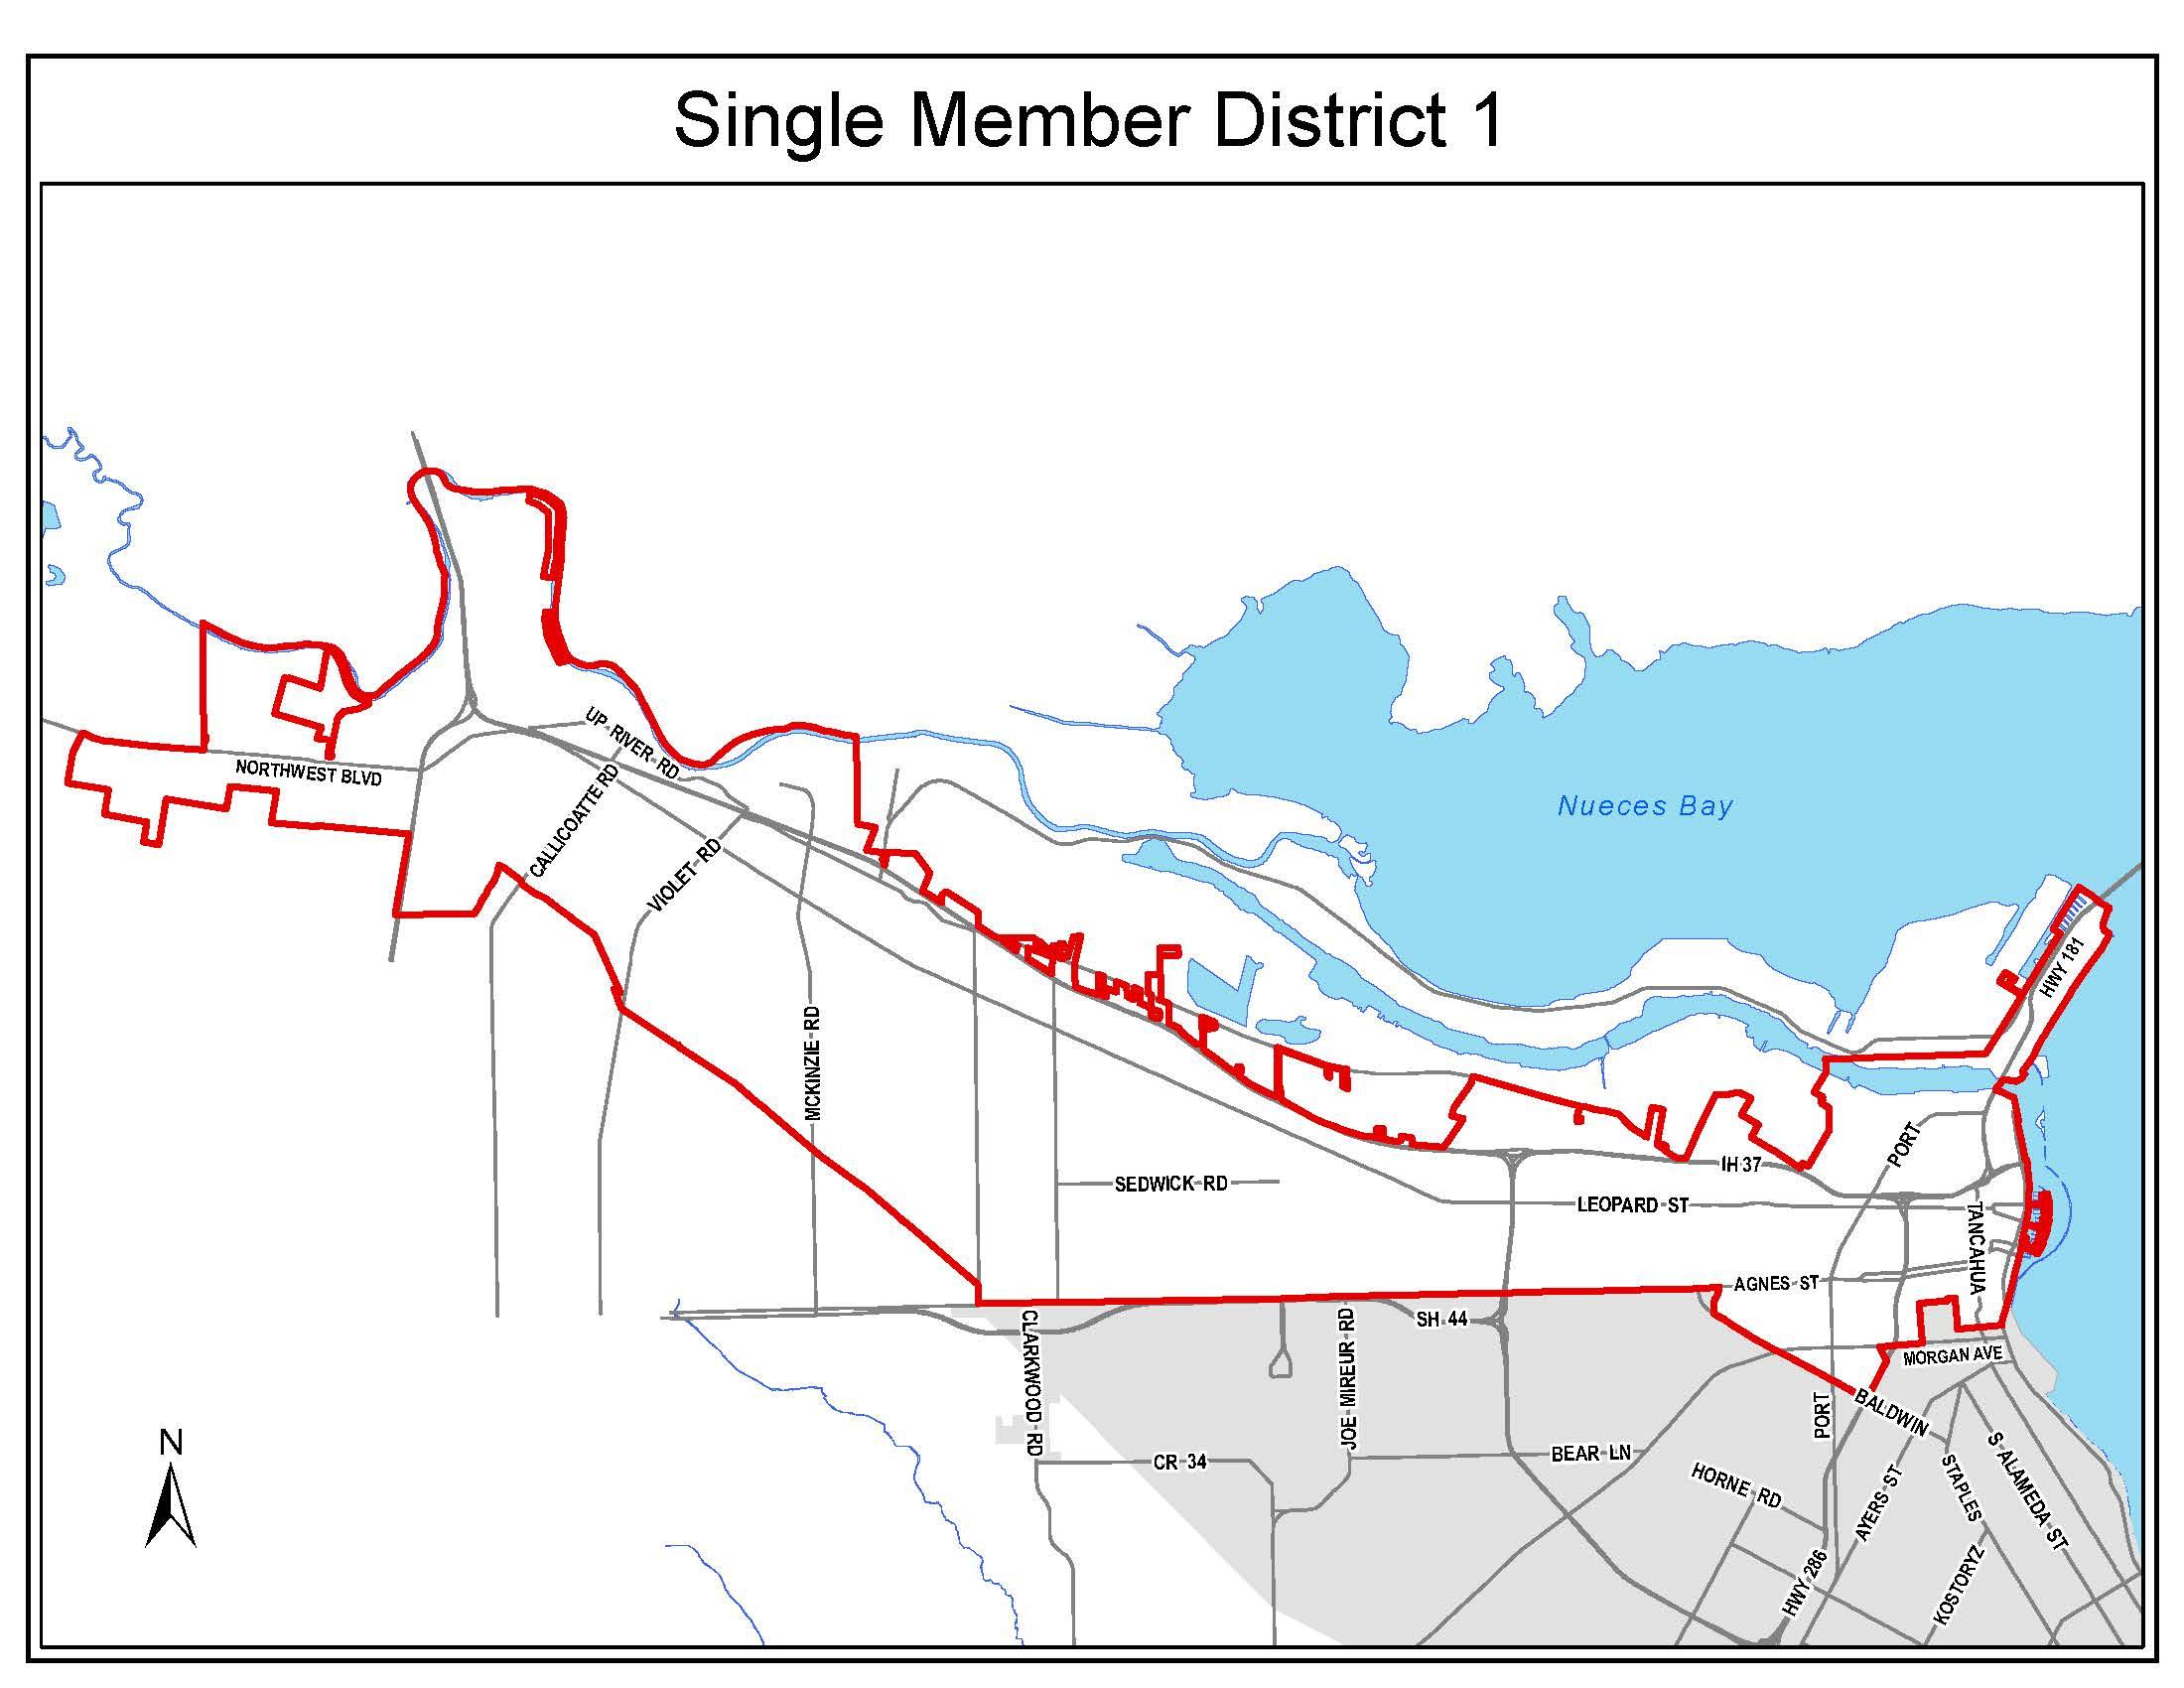 Council District 1 boundaries